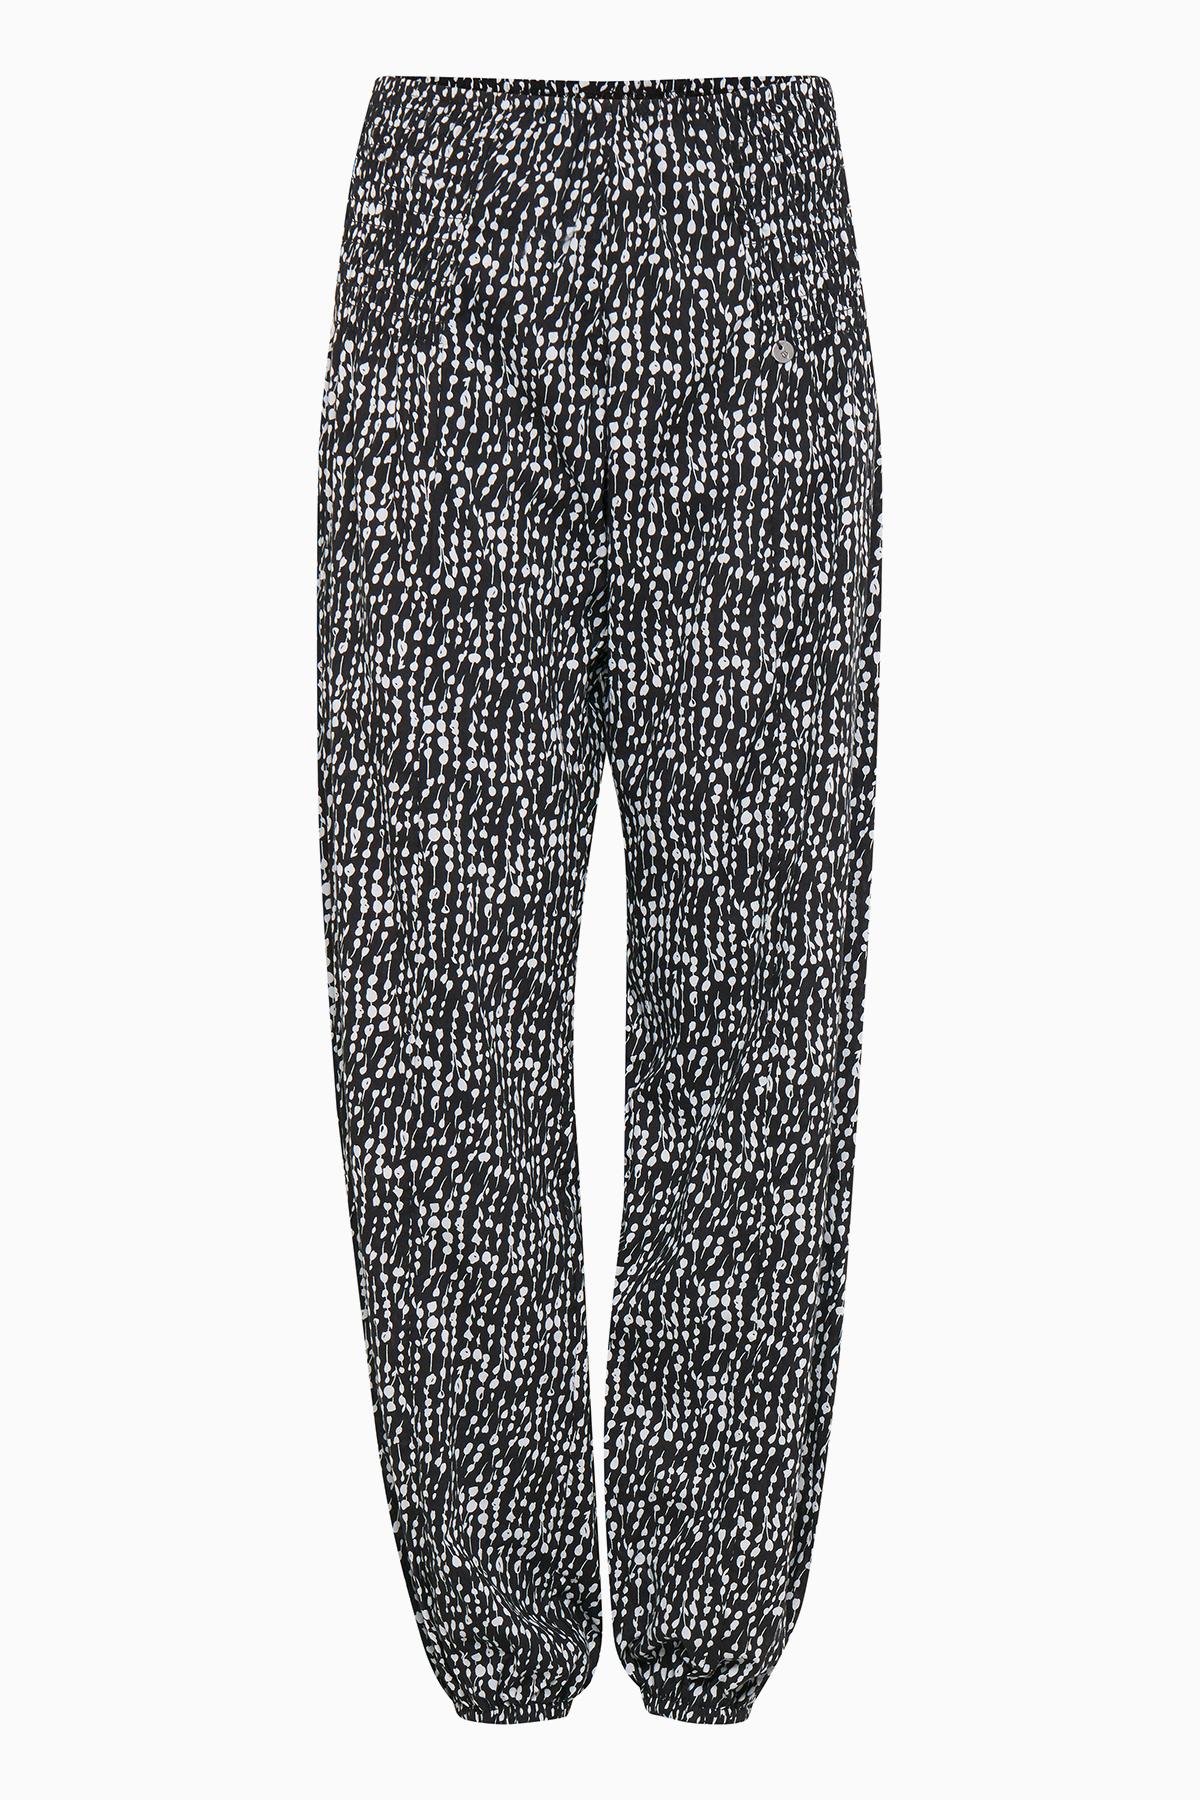 Schwarz/weiß Hose von Pulz Jeans – Shoppen Sie Schwarz/weiß Hose ab Gr. XS-XXL hier